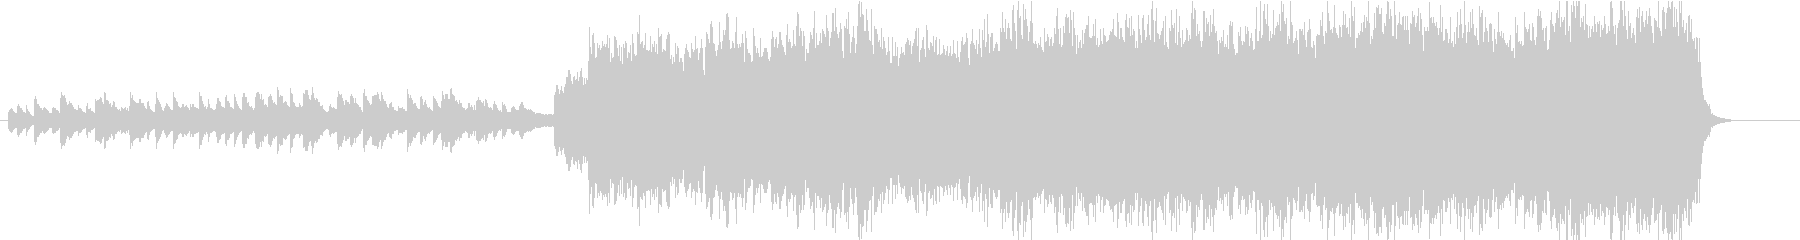 RPGのオープニングの様なオーケストラの未再生の波形